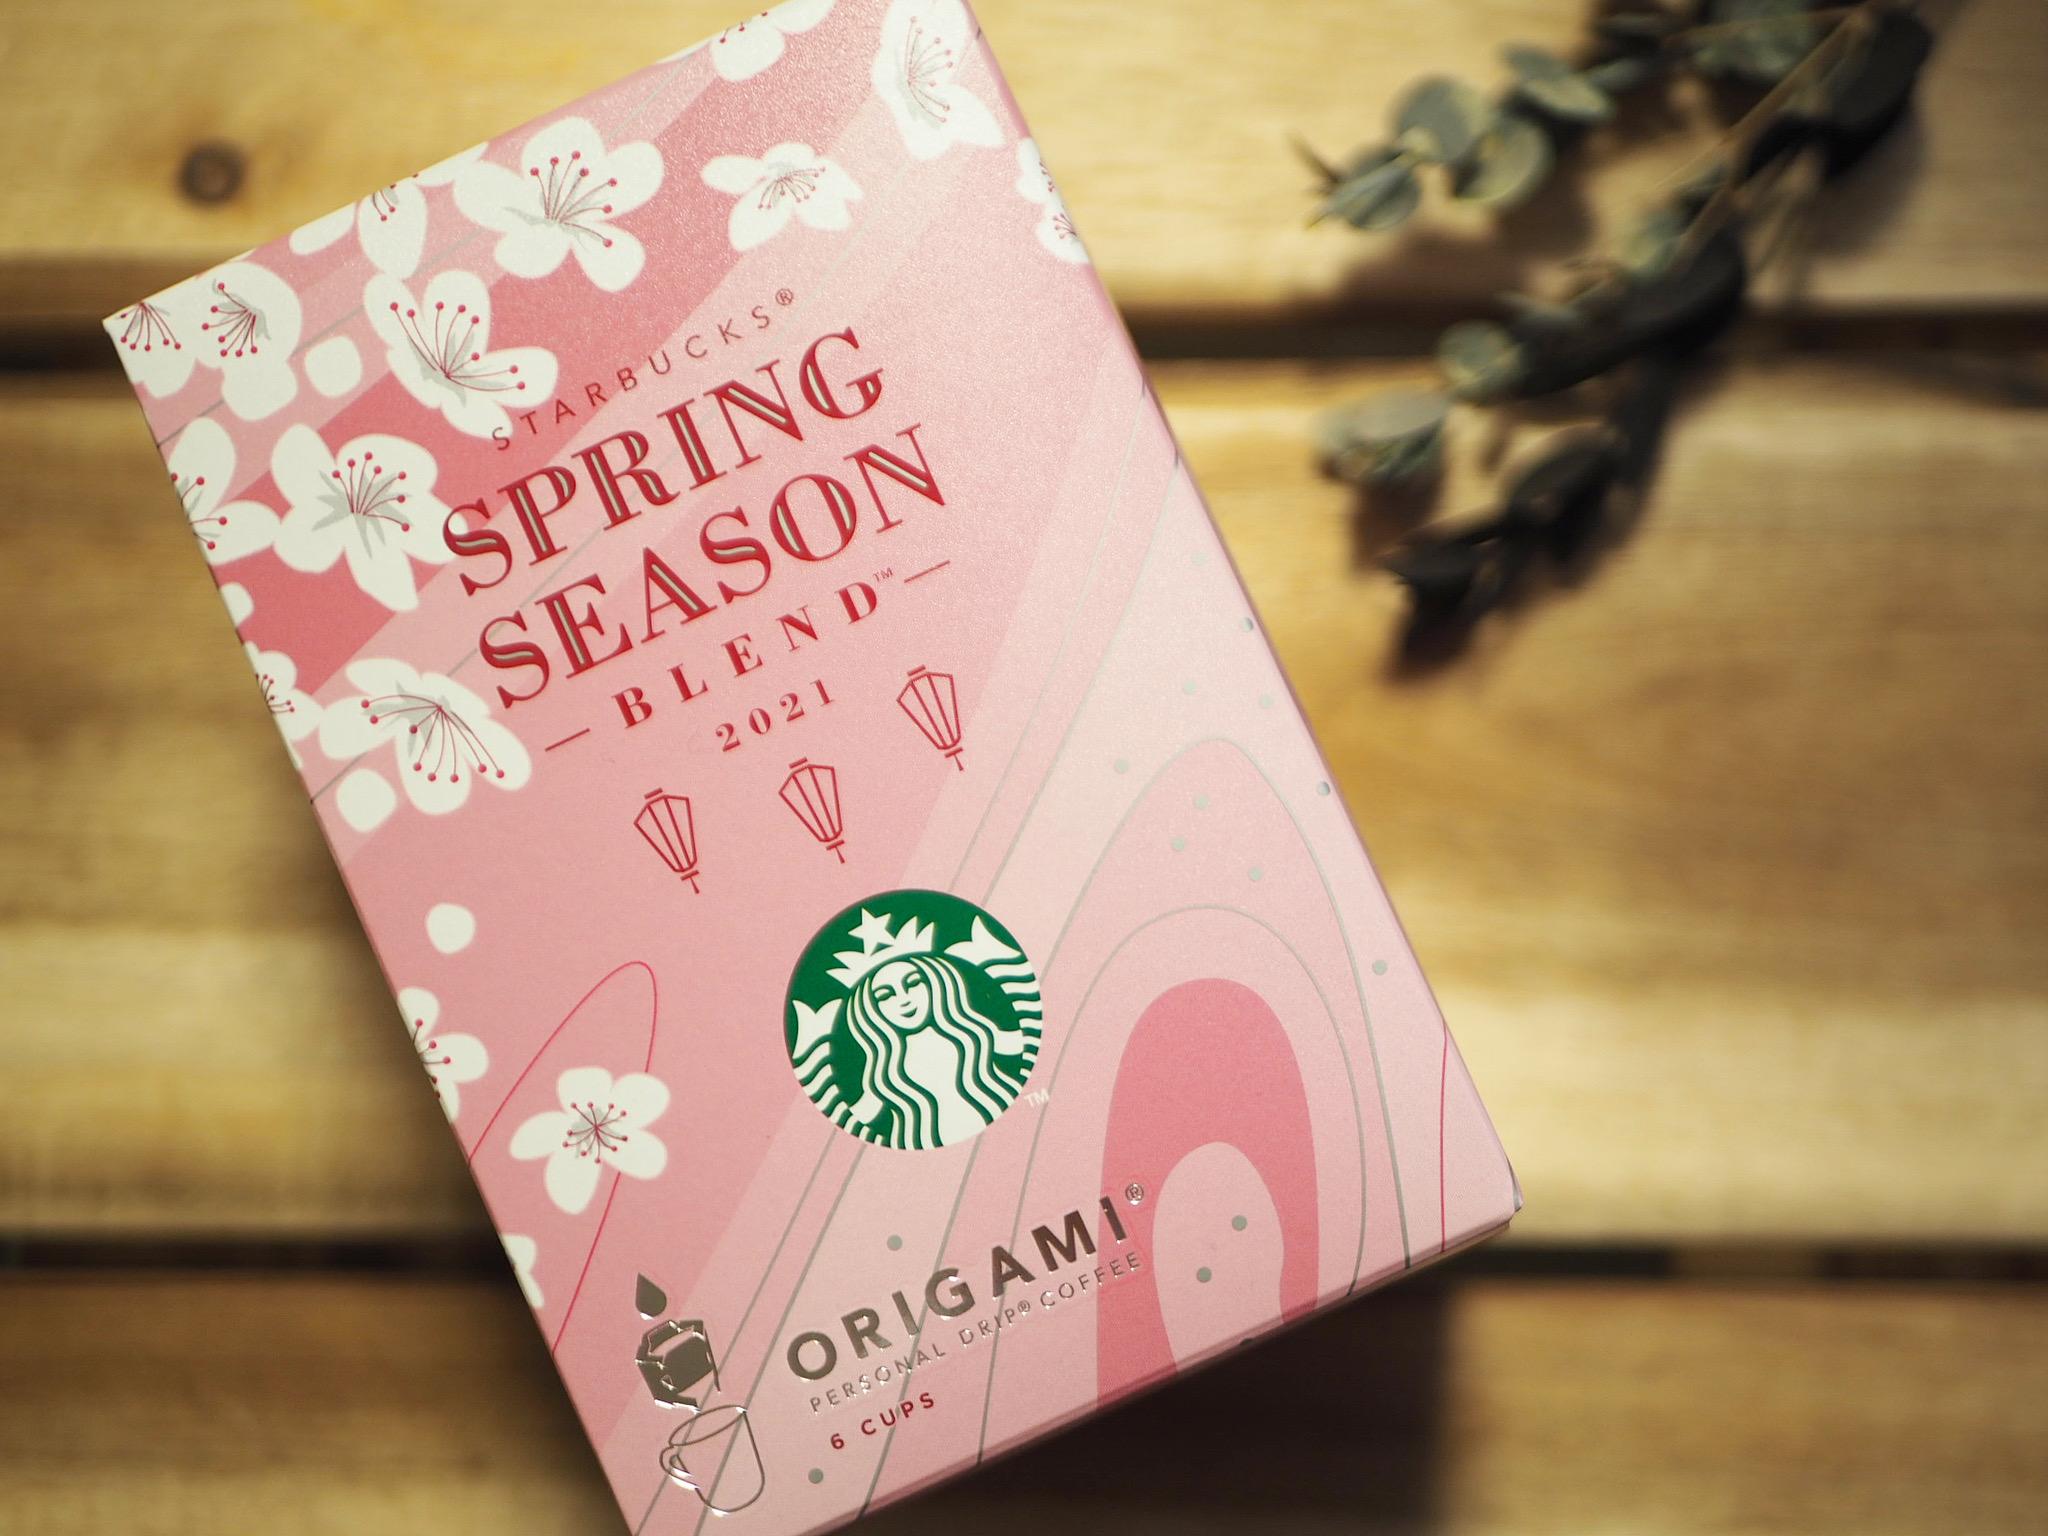 【スタバ】《スプリング シーズン ブレンド》でおうち時間に春を。_2